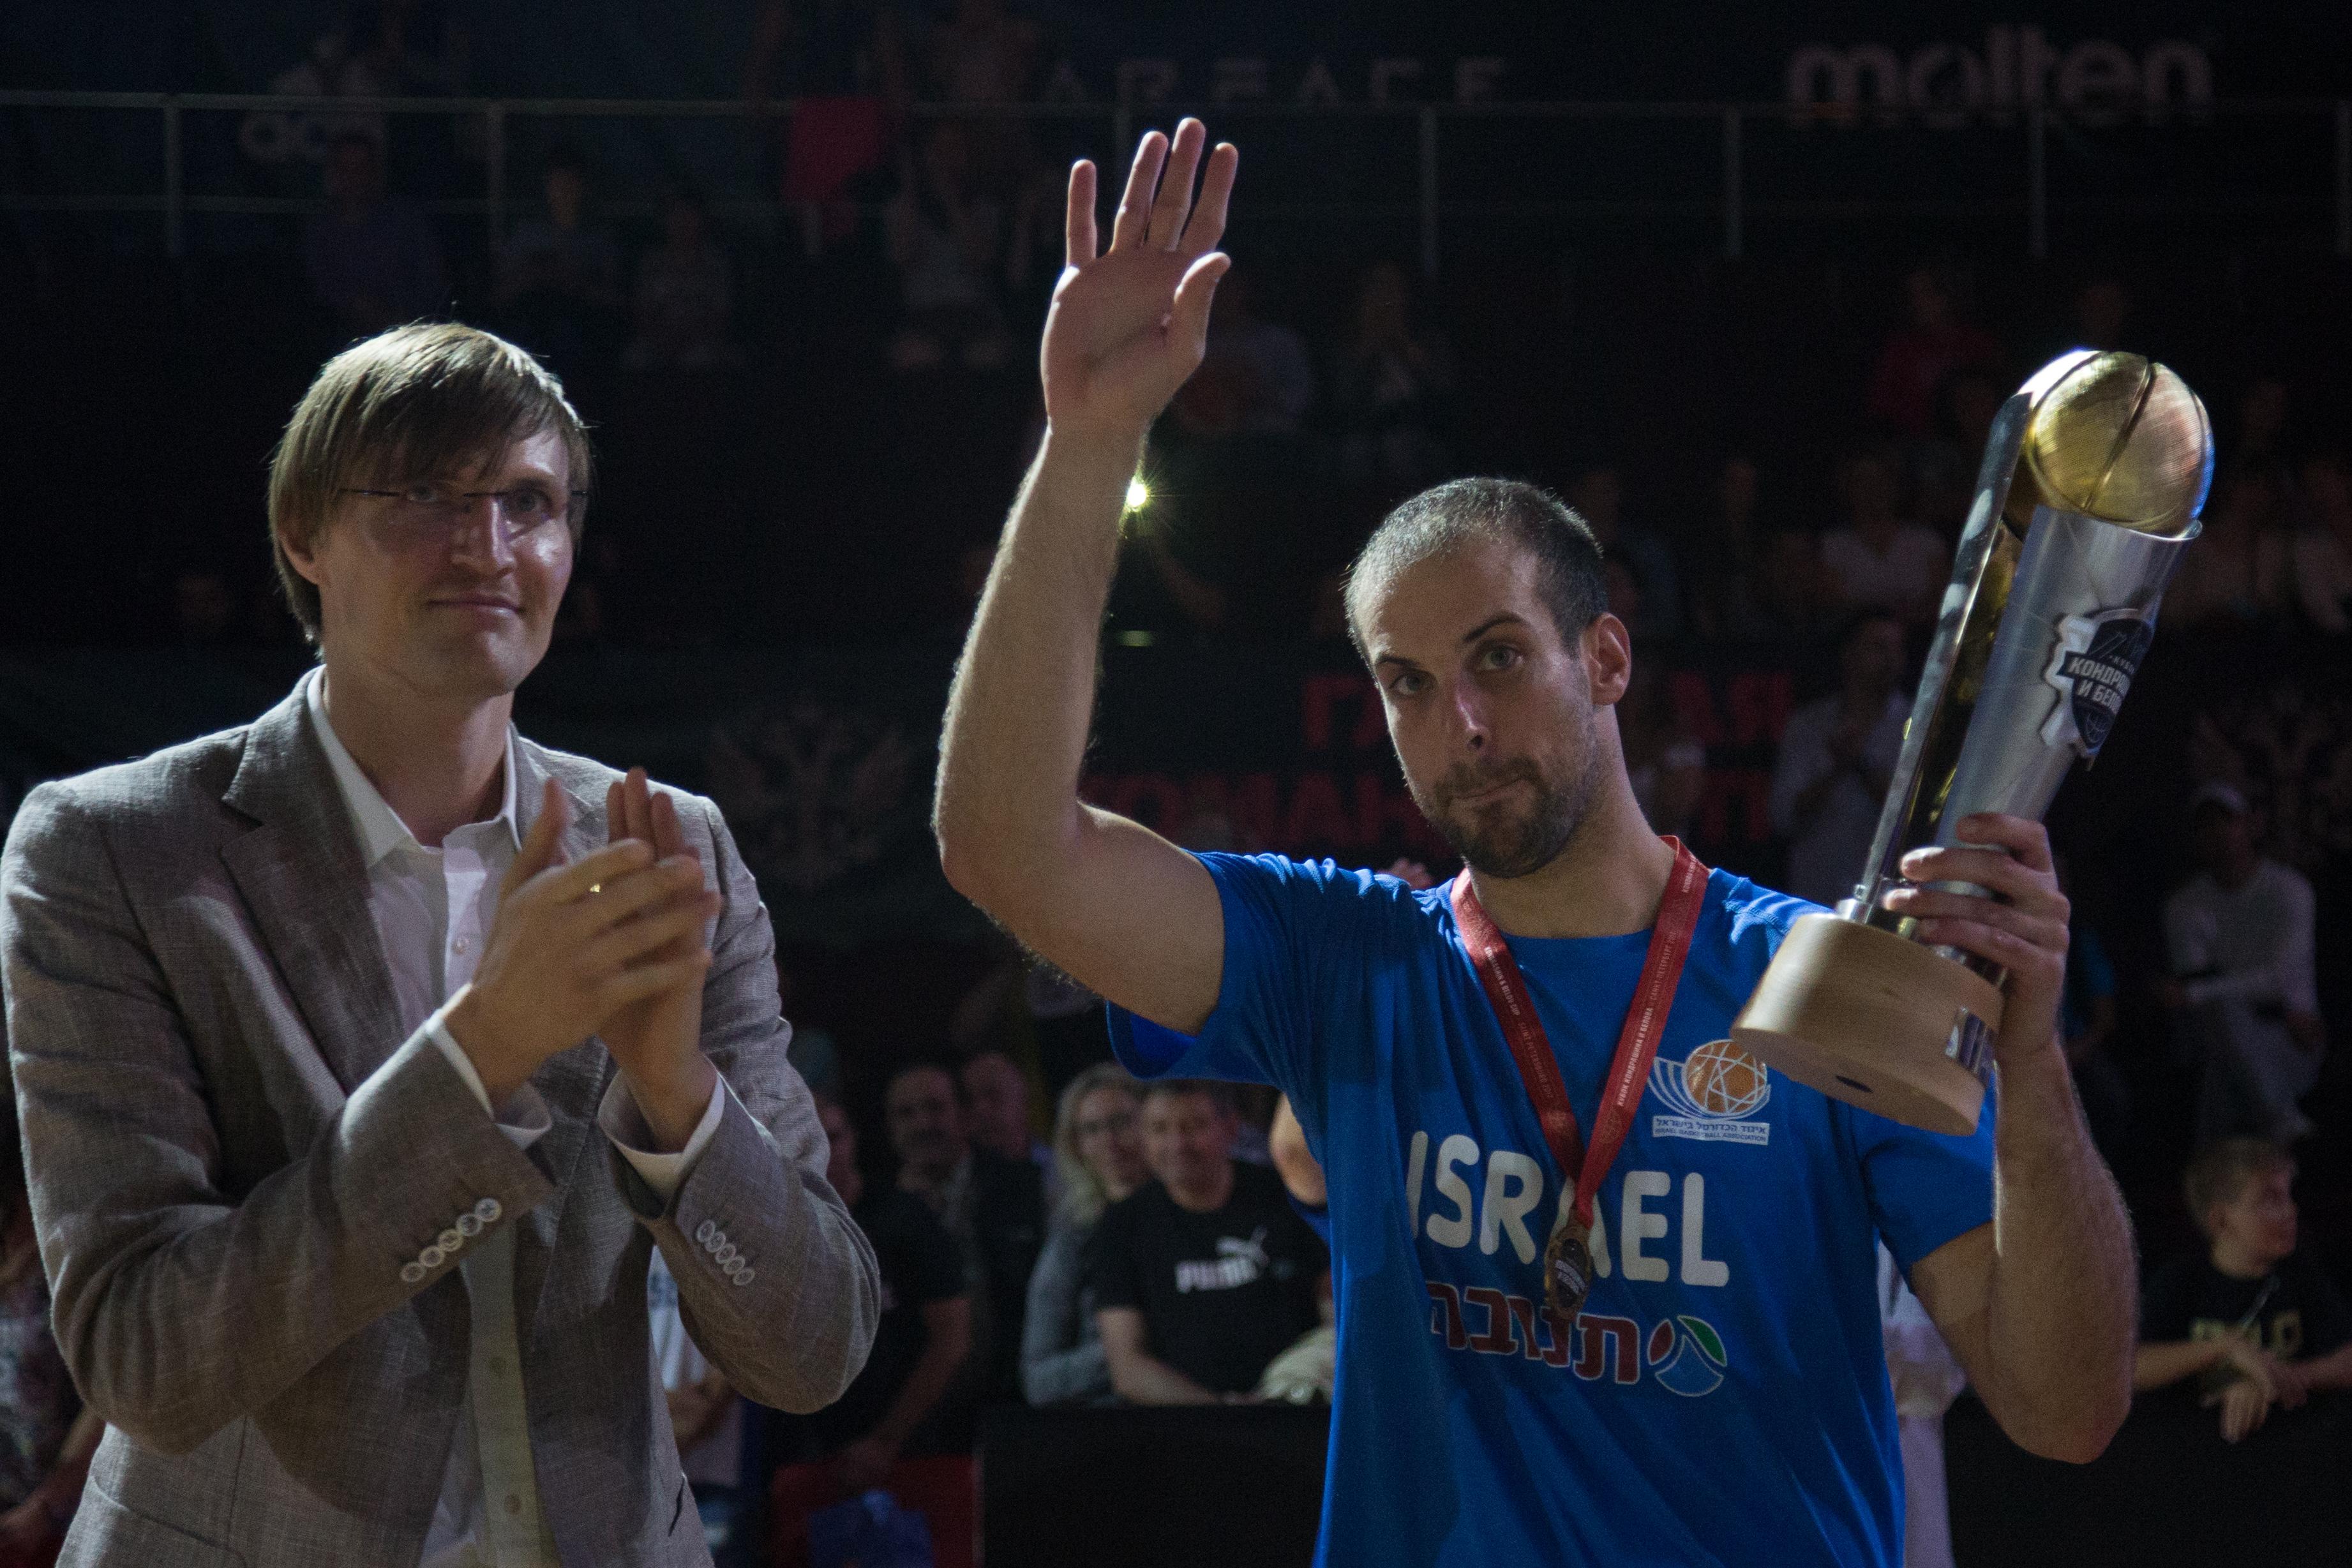 במאזן 0-4 נבחרת ישראל מגיעה ארצה לשלושה משחקי הכנה